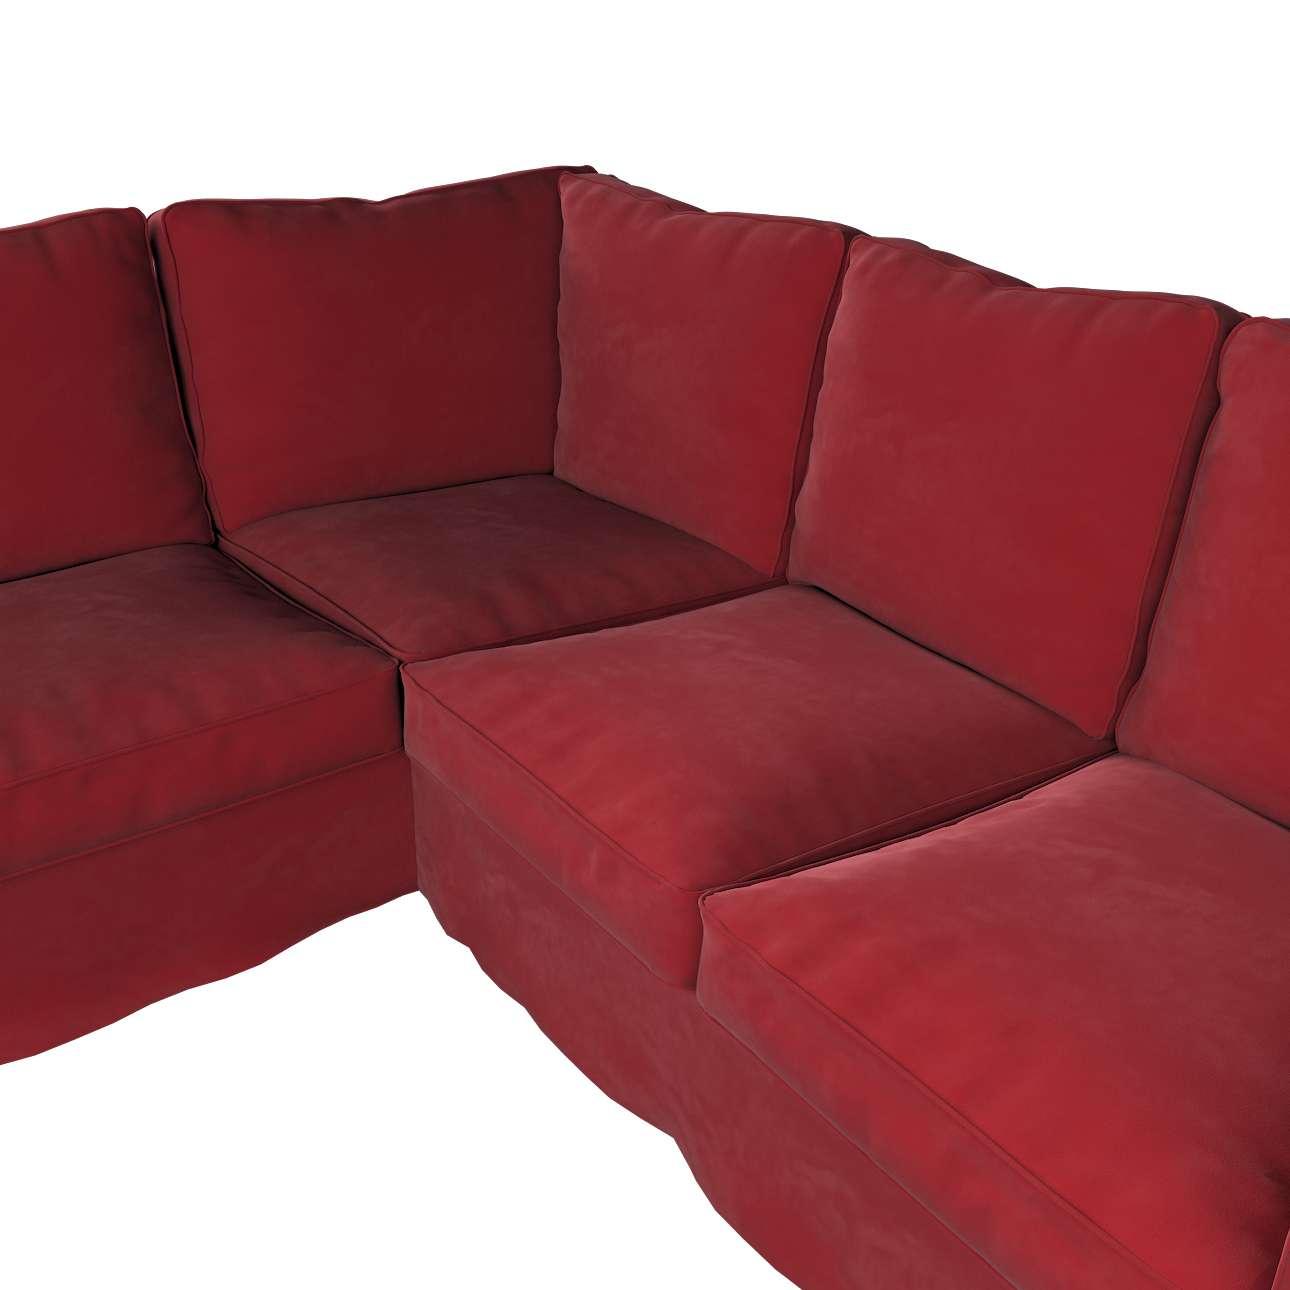 Pokrowiec na sofę narożną Ektorp w kolekcji Velvet, tkanina: 704-15